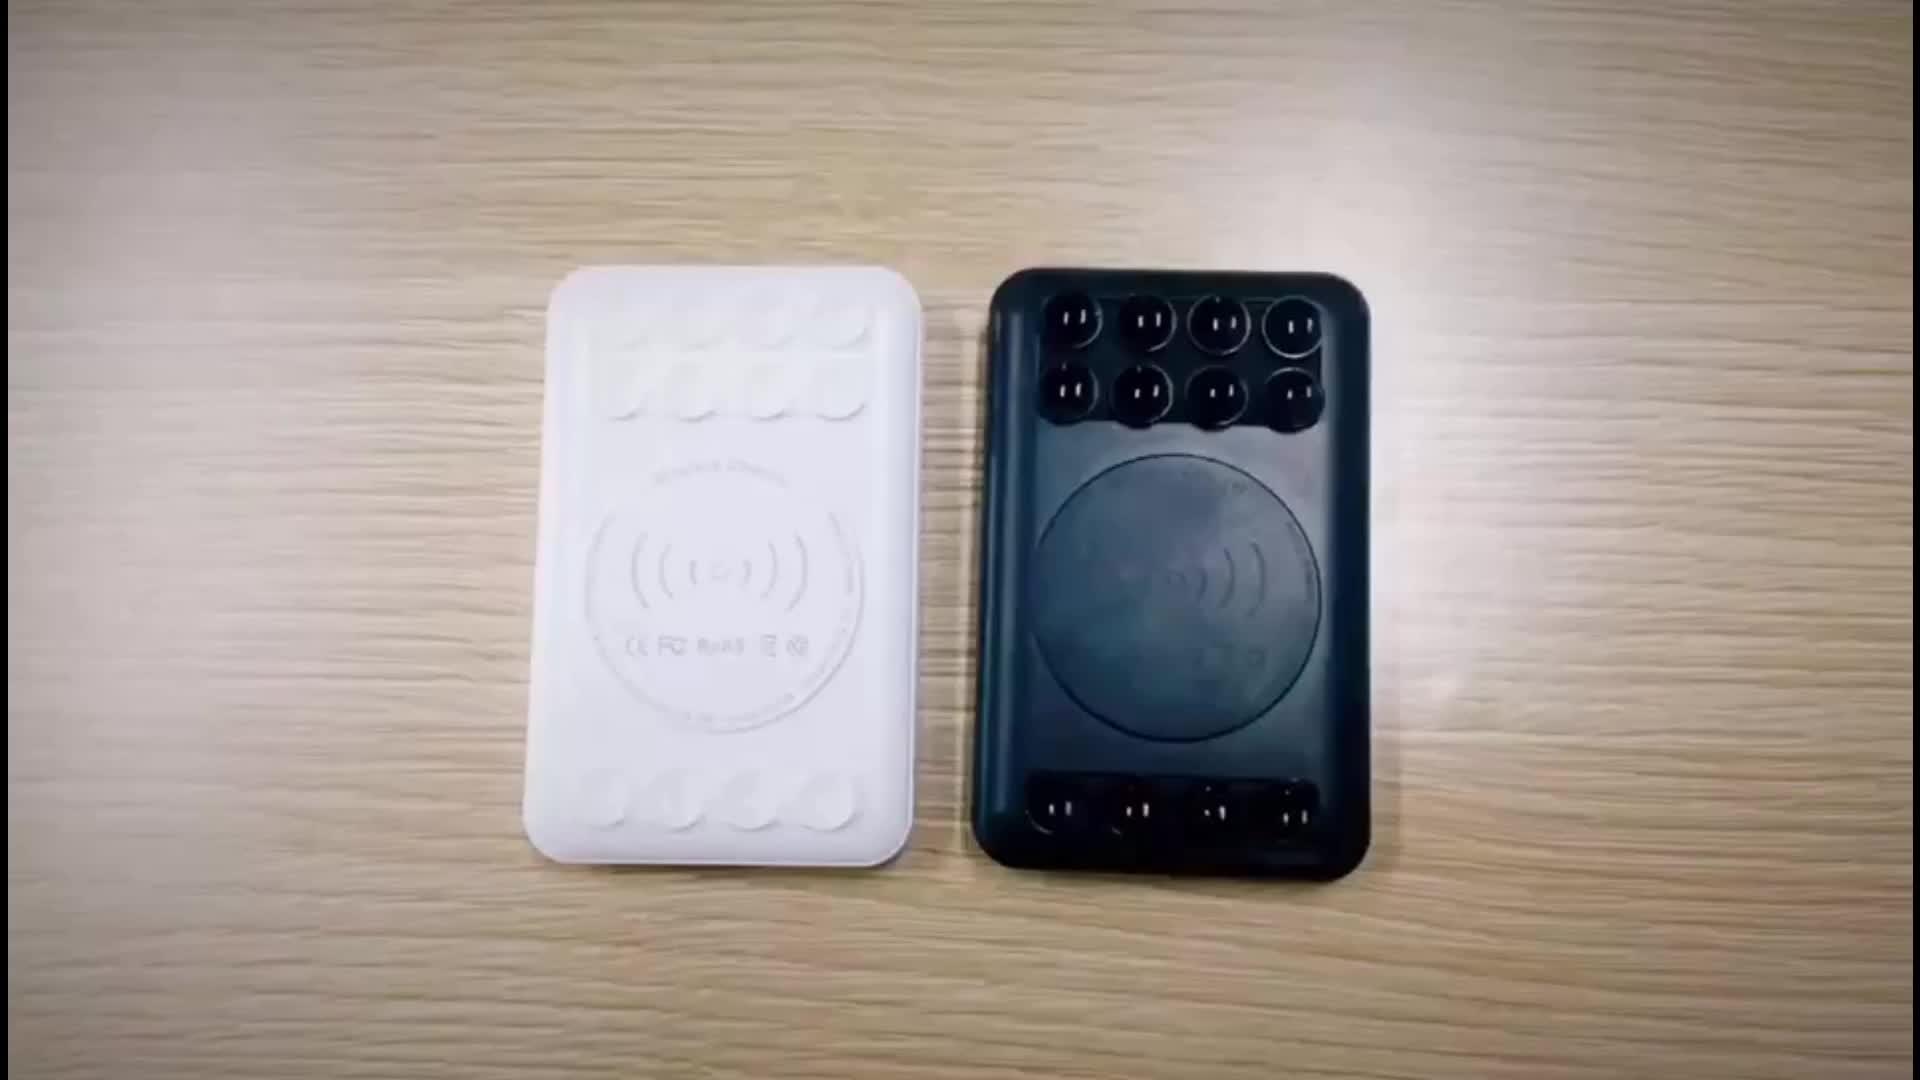 Khuyến Mại Quà Tặng Siêu Mỏng Sạc Di Động Với Một Chiếc Ống Hút Phổ Ngân Hàng Điện Không Dây 5000 MAh Kép USB Powerbanks